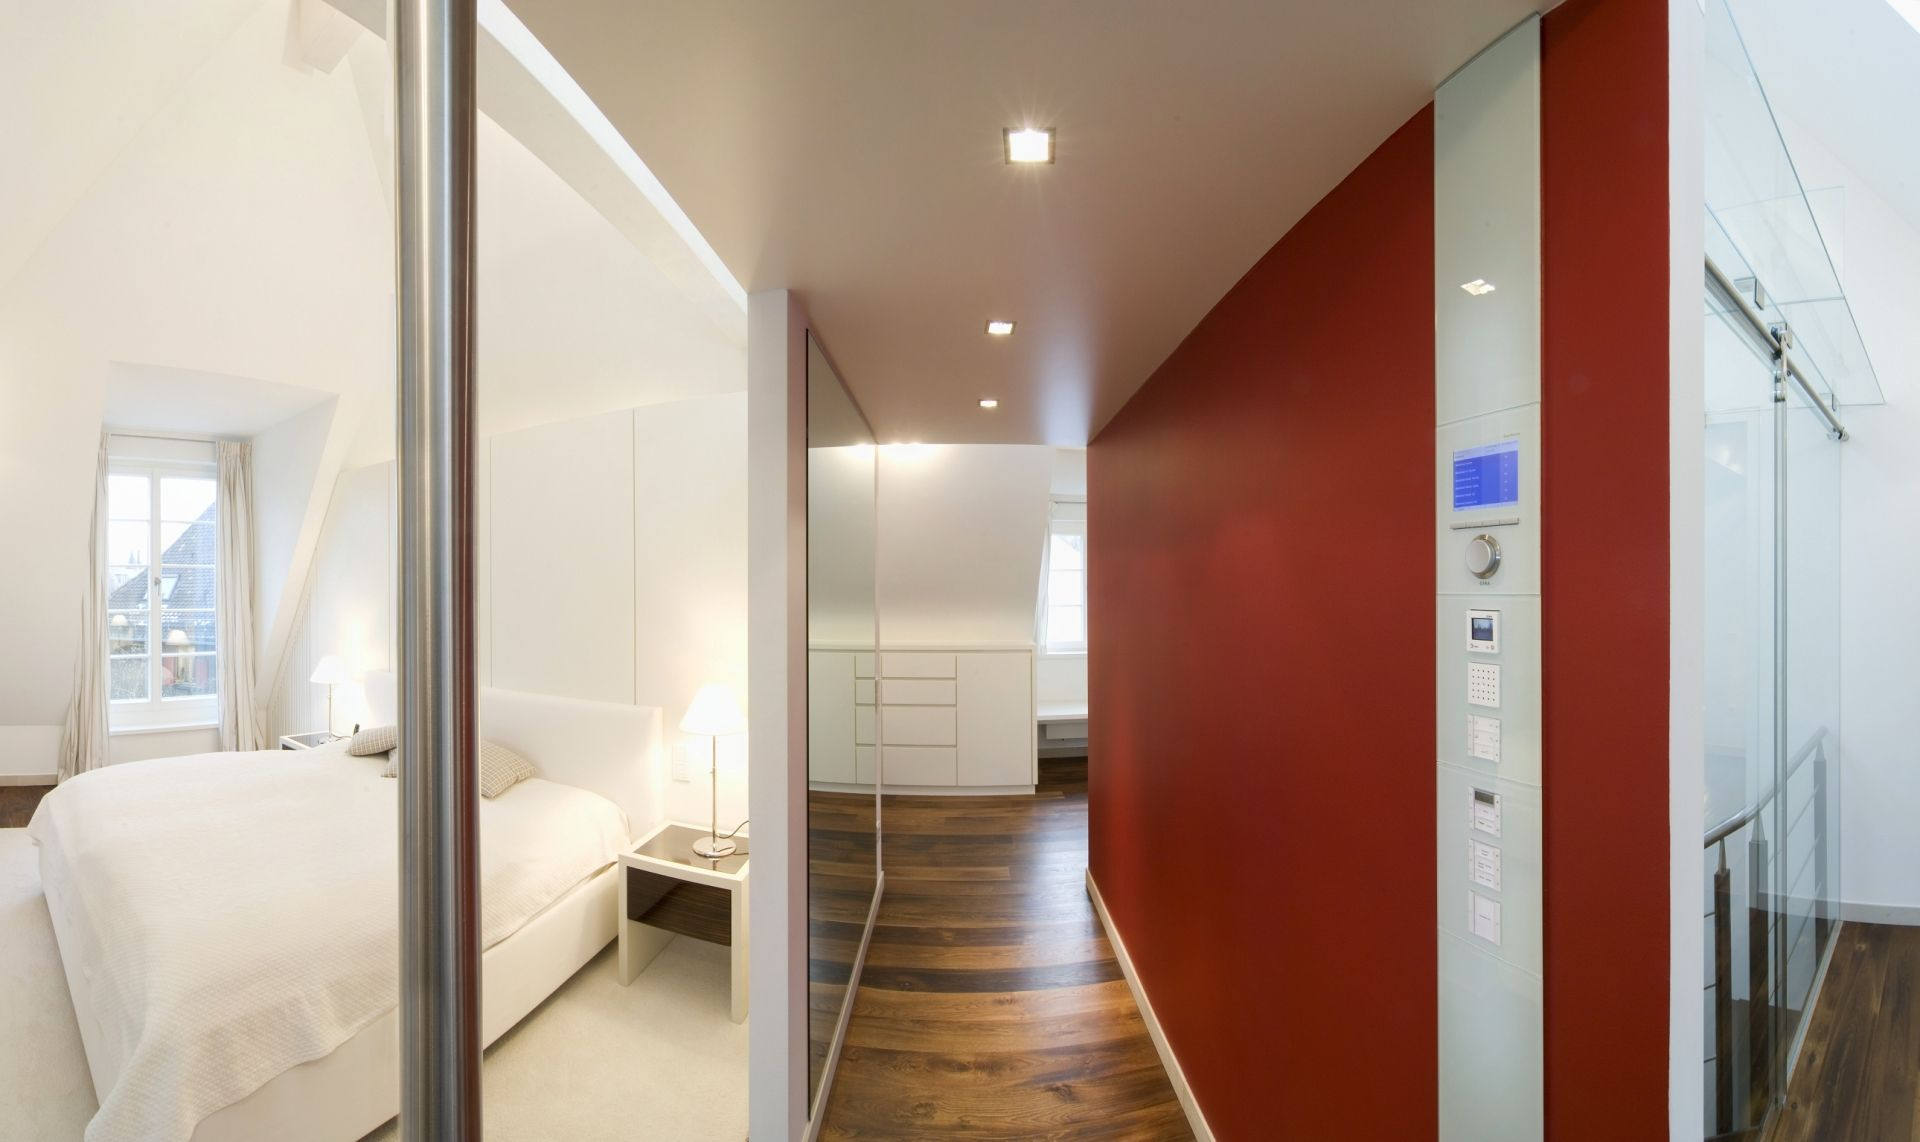 moderne elektroinstallation auf knx eib standard von gira. Black Bedroom Furniture Sets. Home Design Ideas